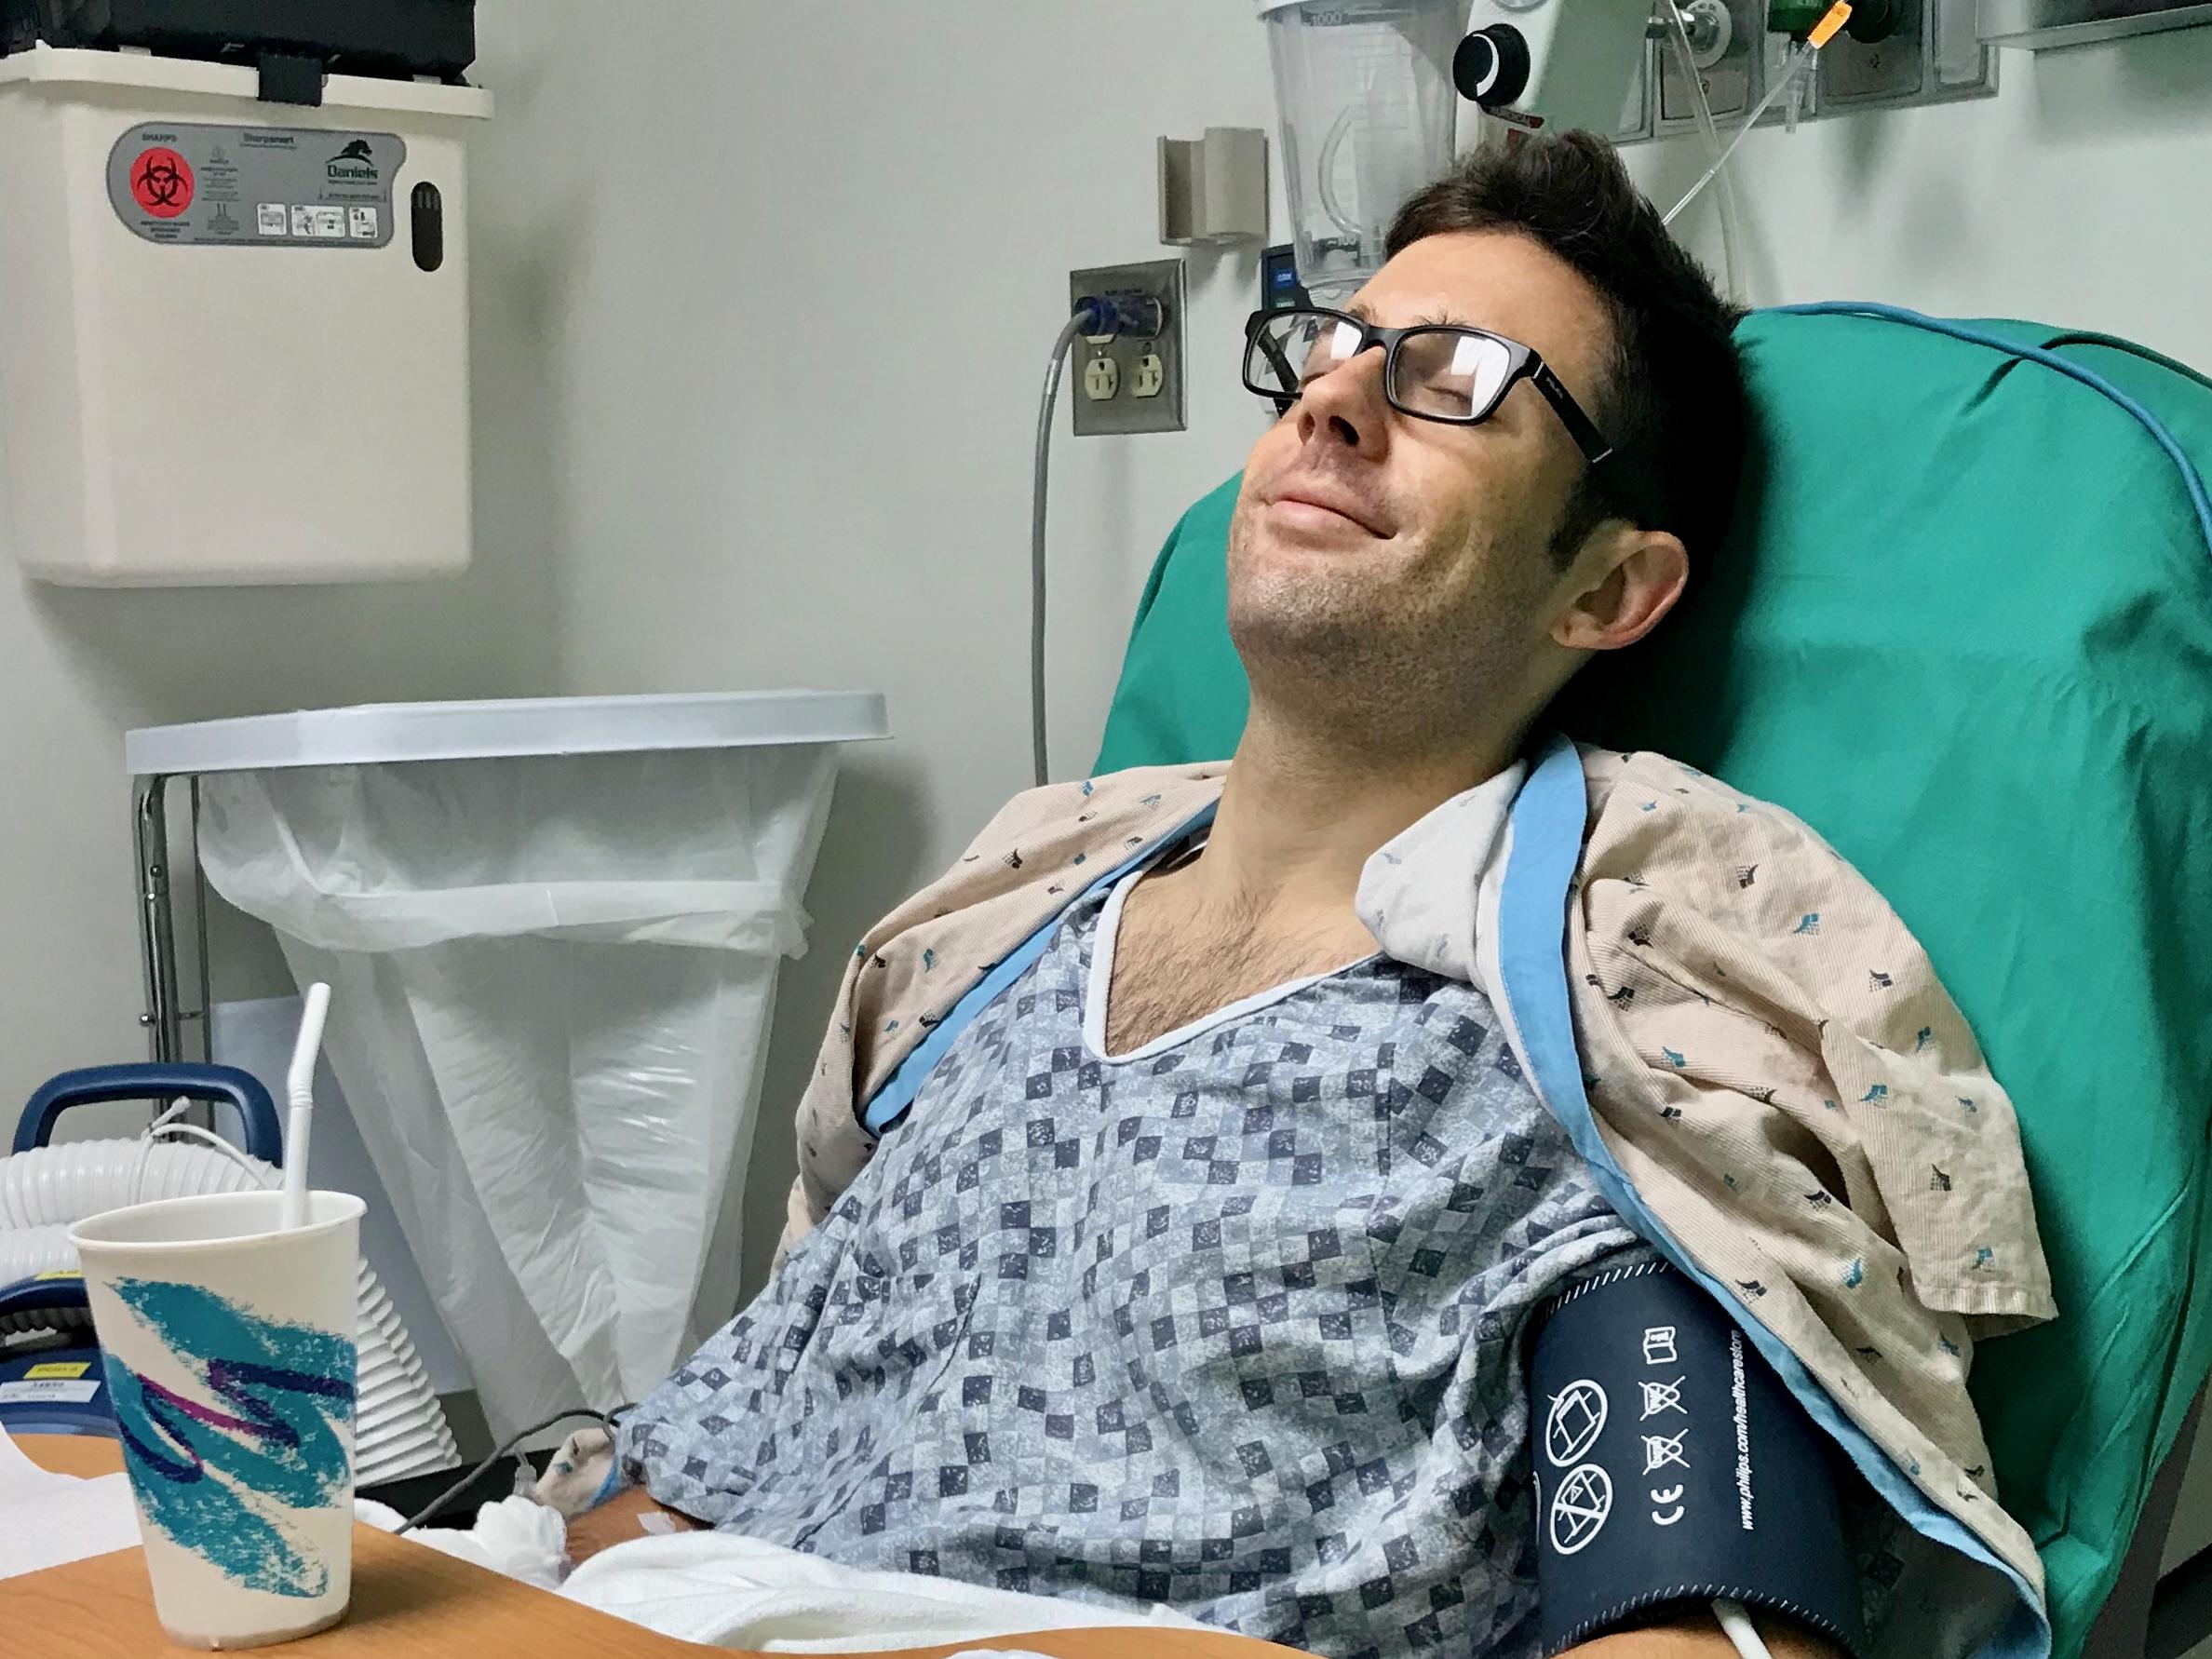 Brad Mackey post surgery